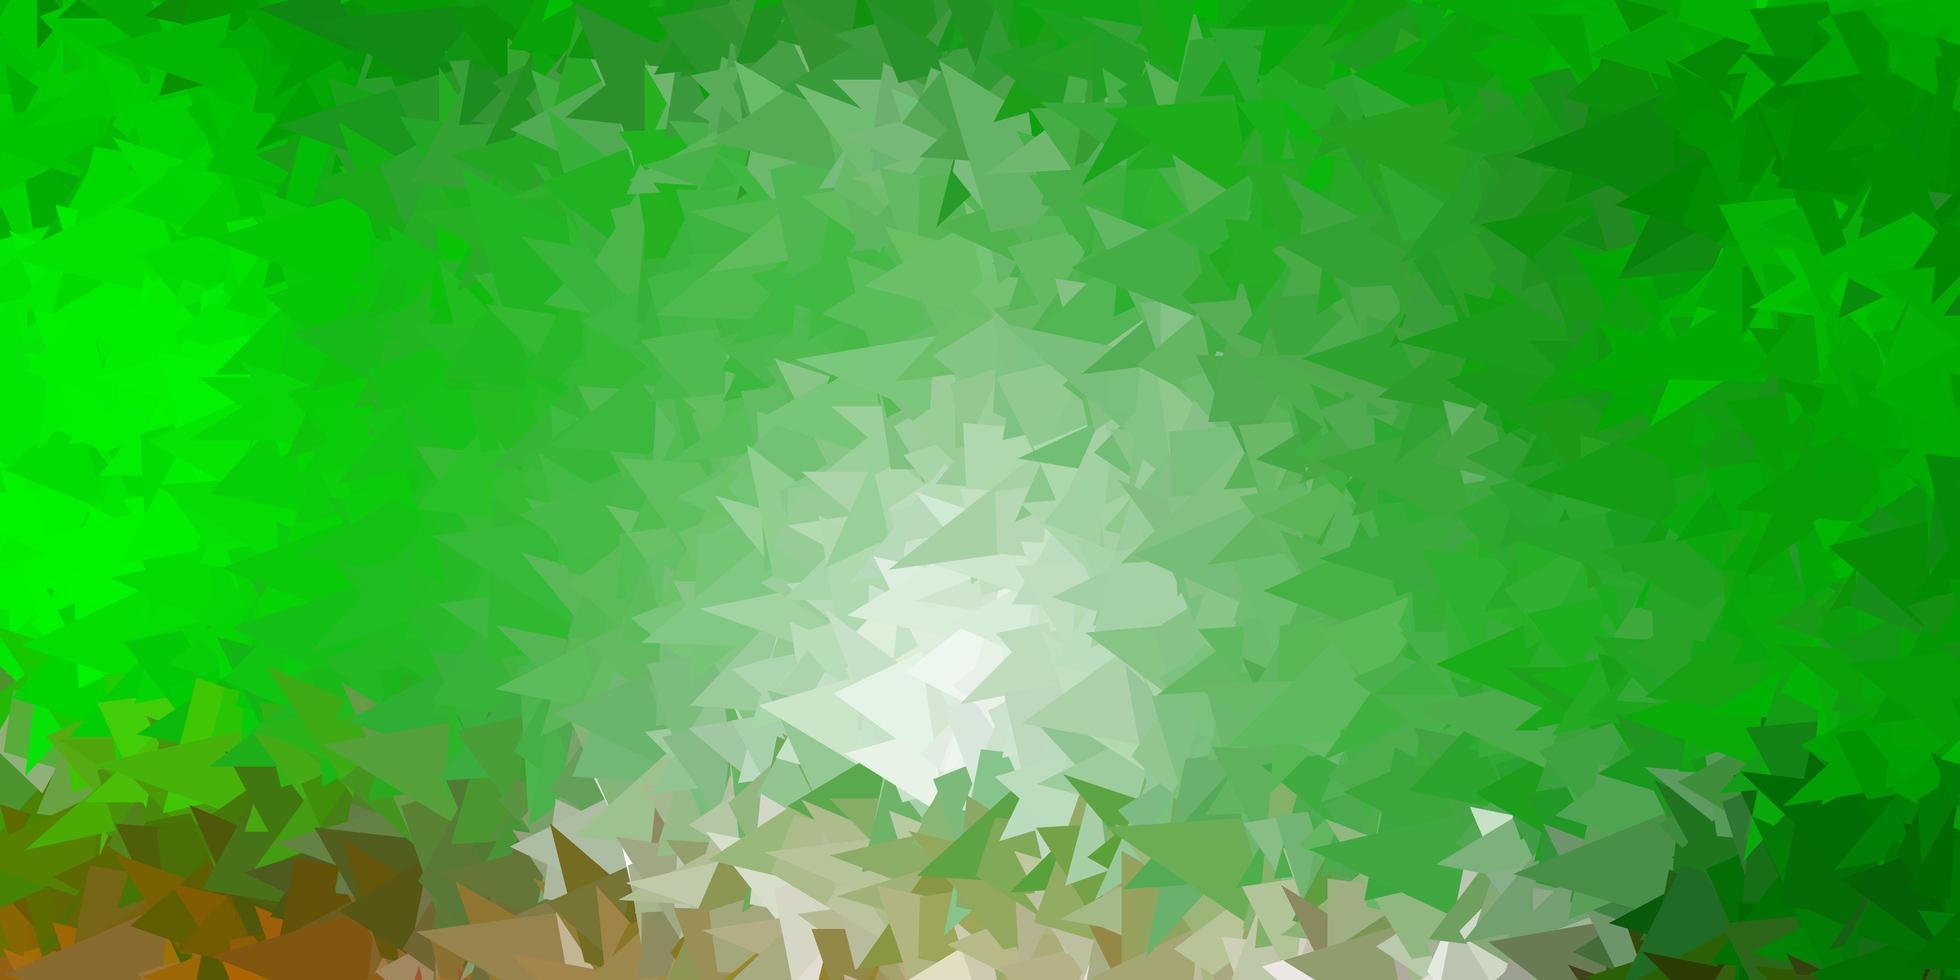 diseño de mosaico de triángulo vector verde claro, rojo.